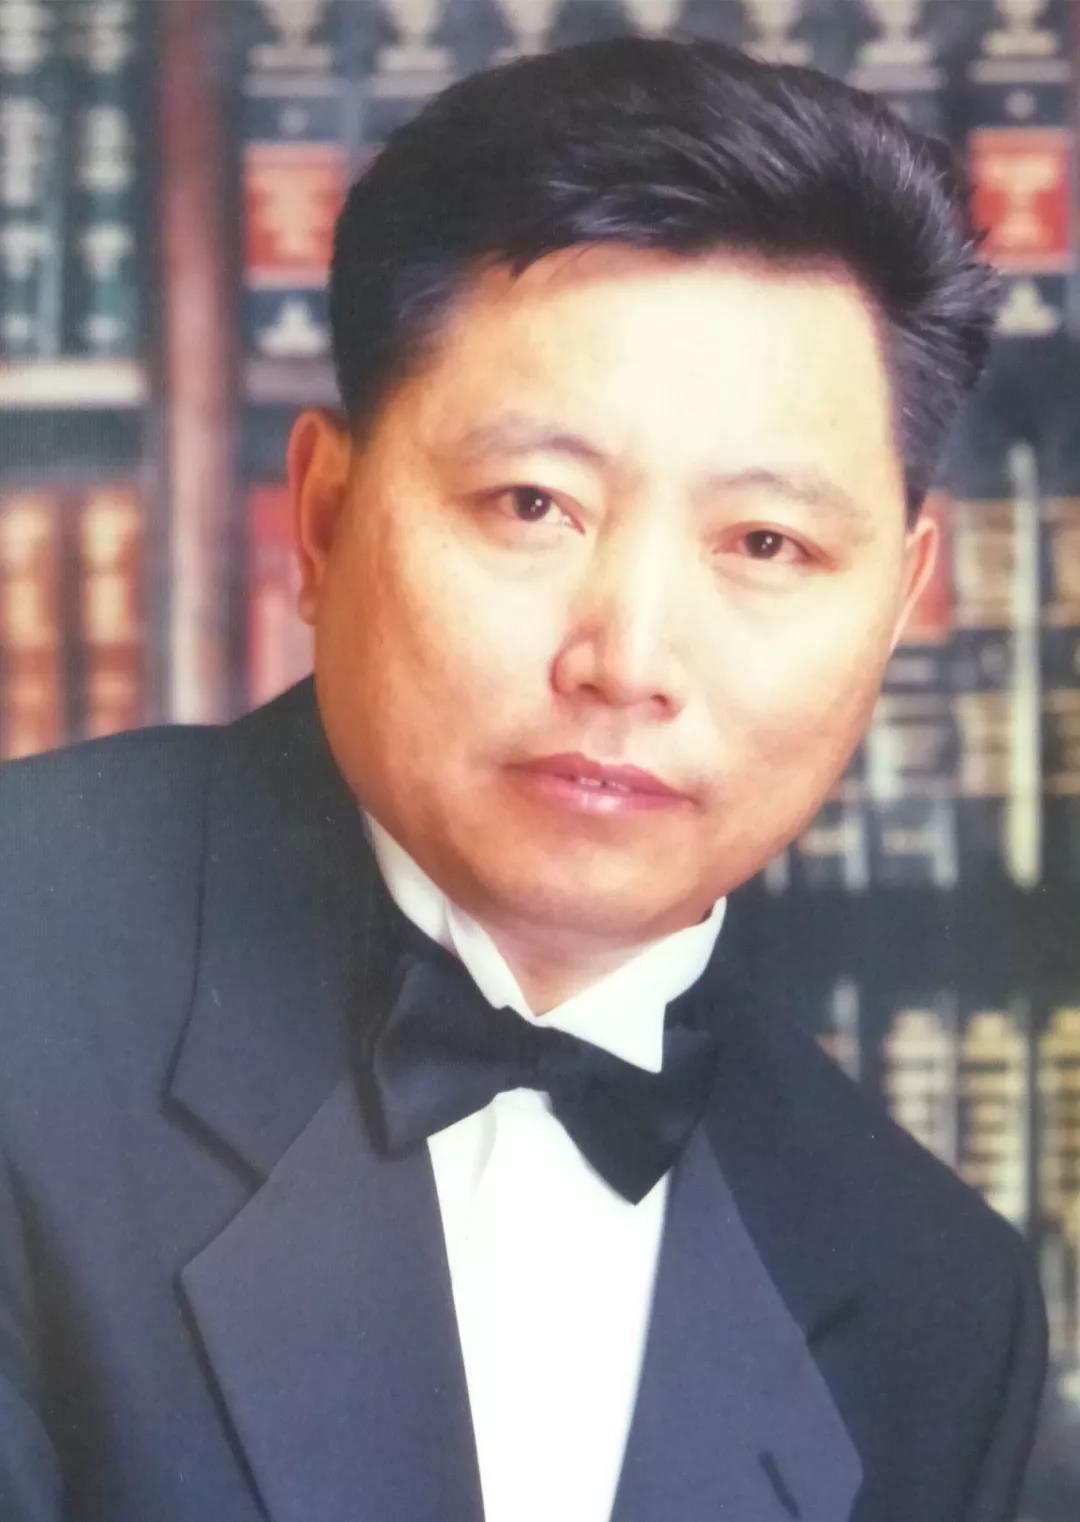 预告丨5月20日,王守东主任在中医药治癌方面的经验分享